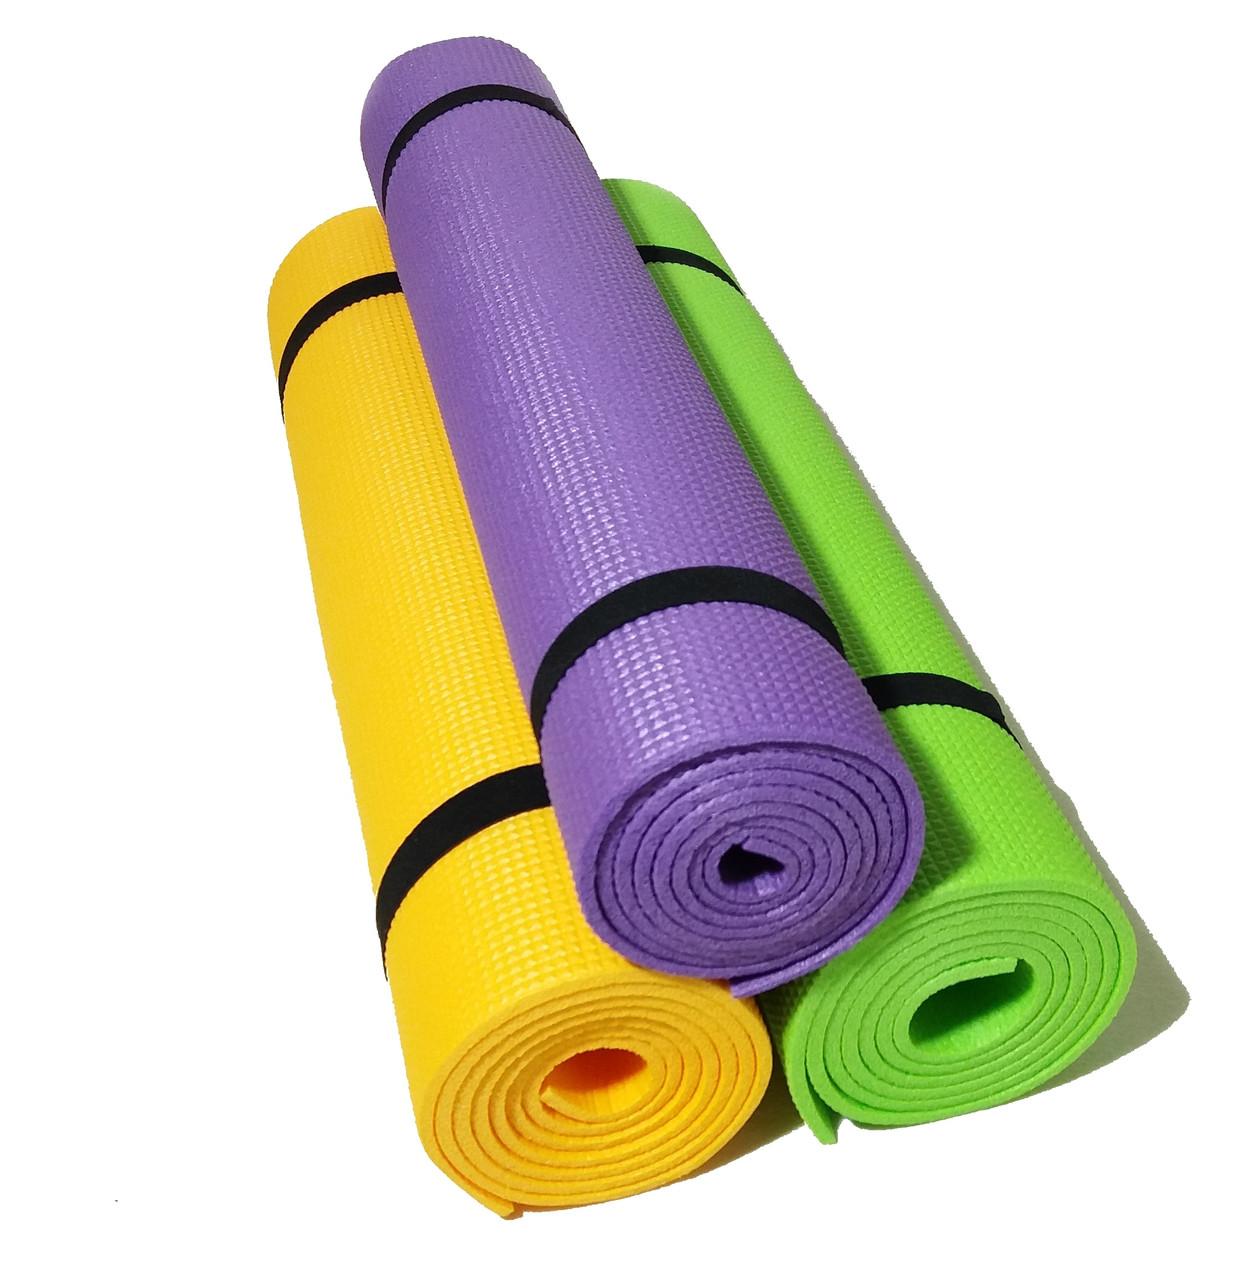 8e5471614ca4 Коврик для йоги и фитнеса, 1800×600×5мм, ХС ППЭ, однослойный, цена ...